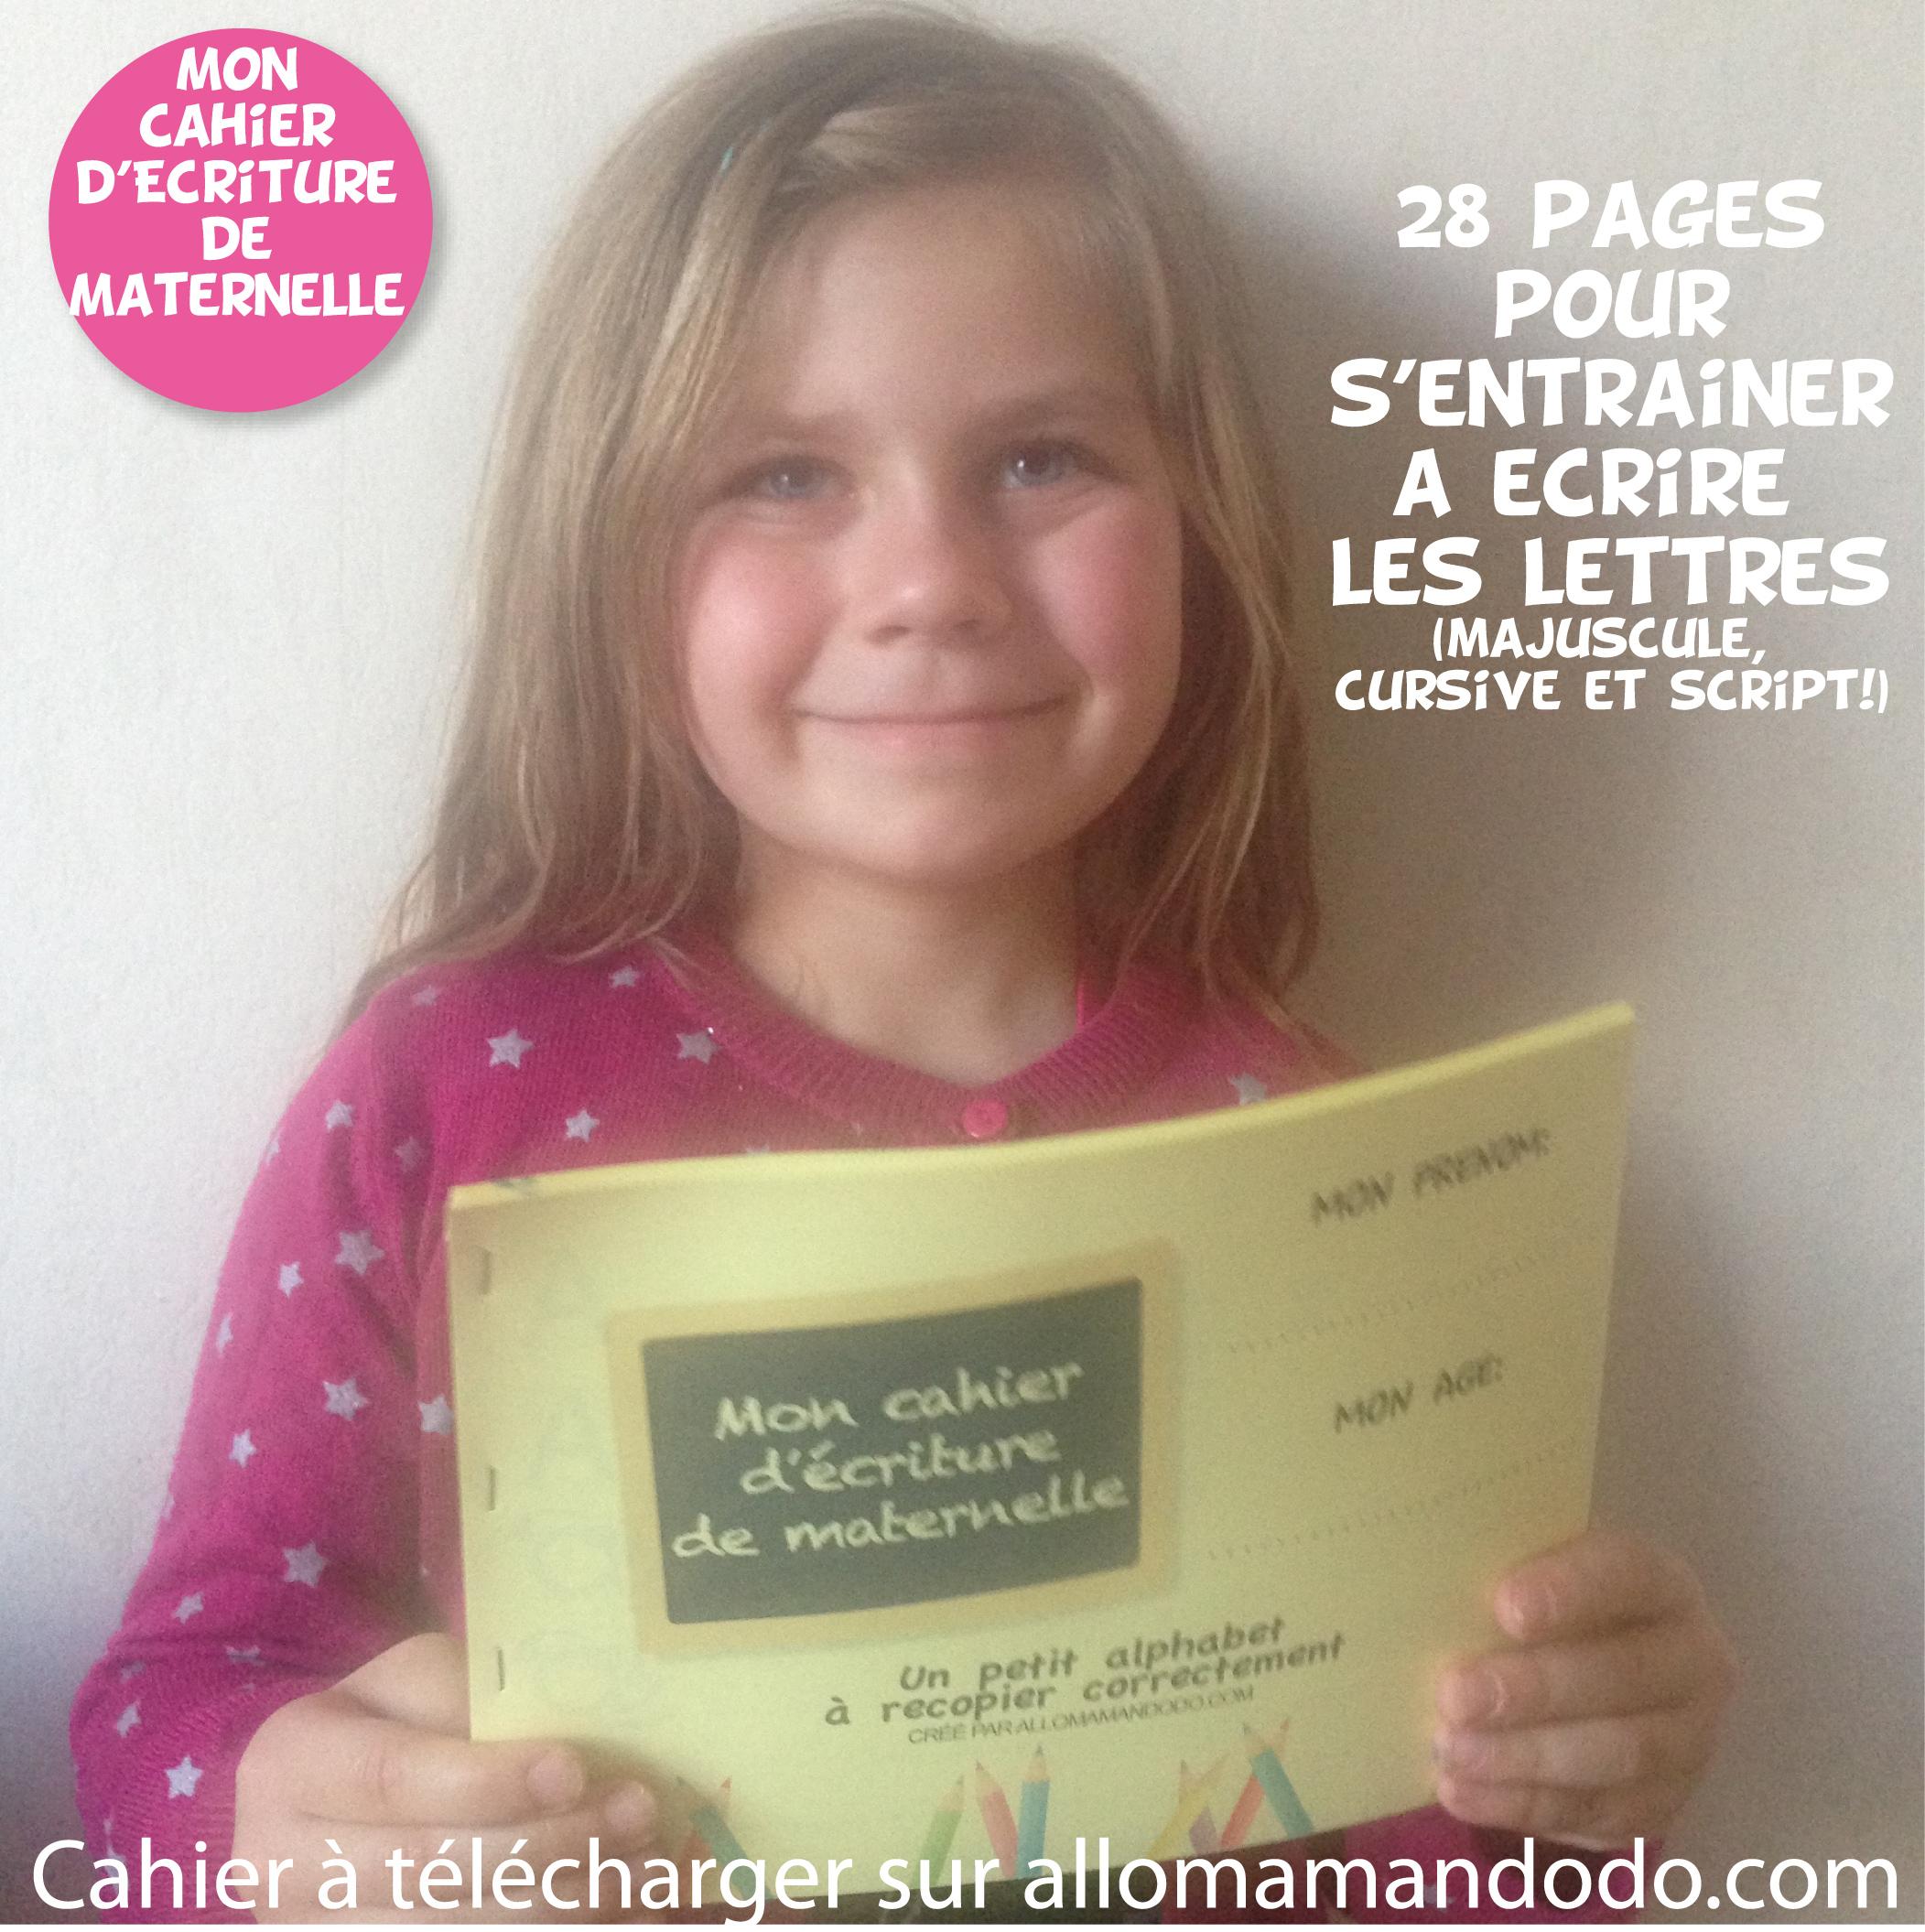 Le Cahier D'écriture De Maternelle À Télécharger ( Gratuit à Cahier De Vacances À Télécharger Gratuitement